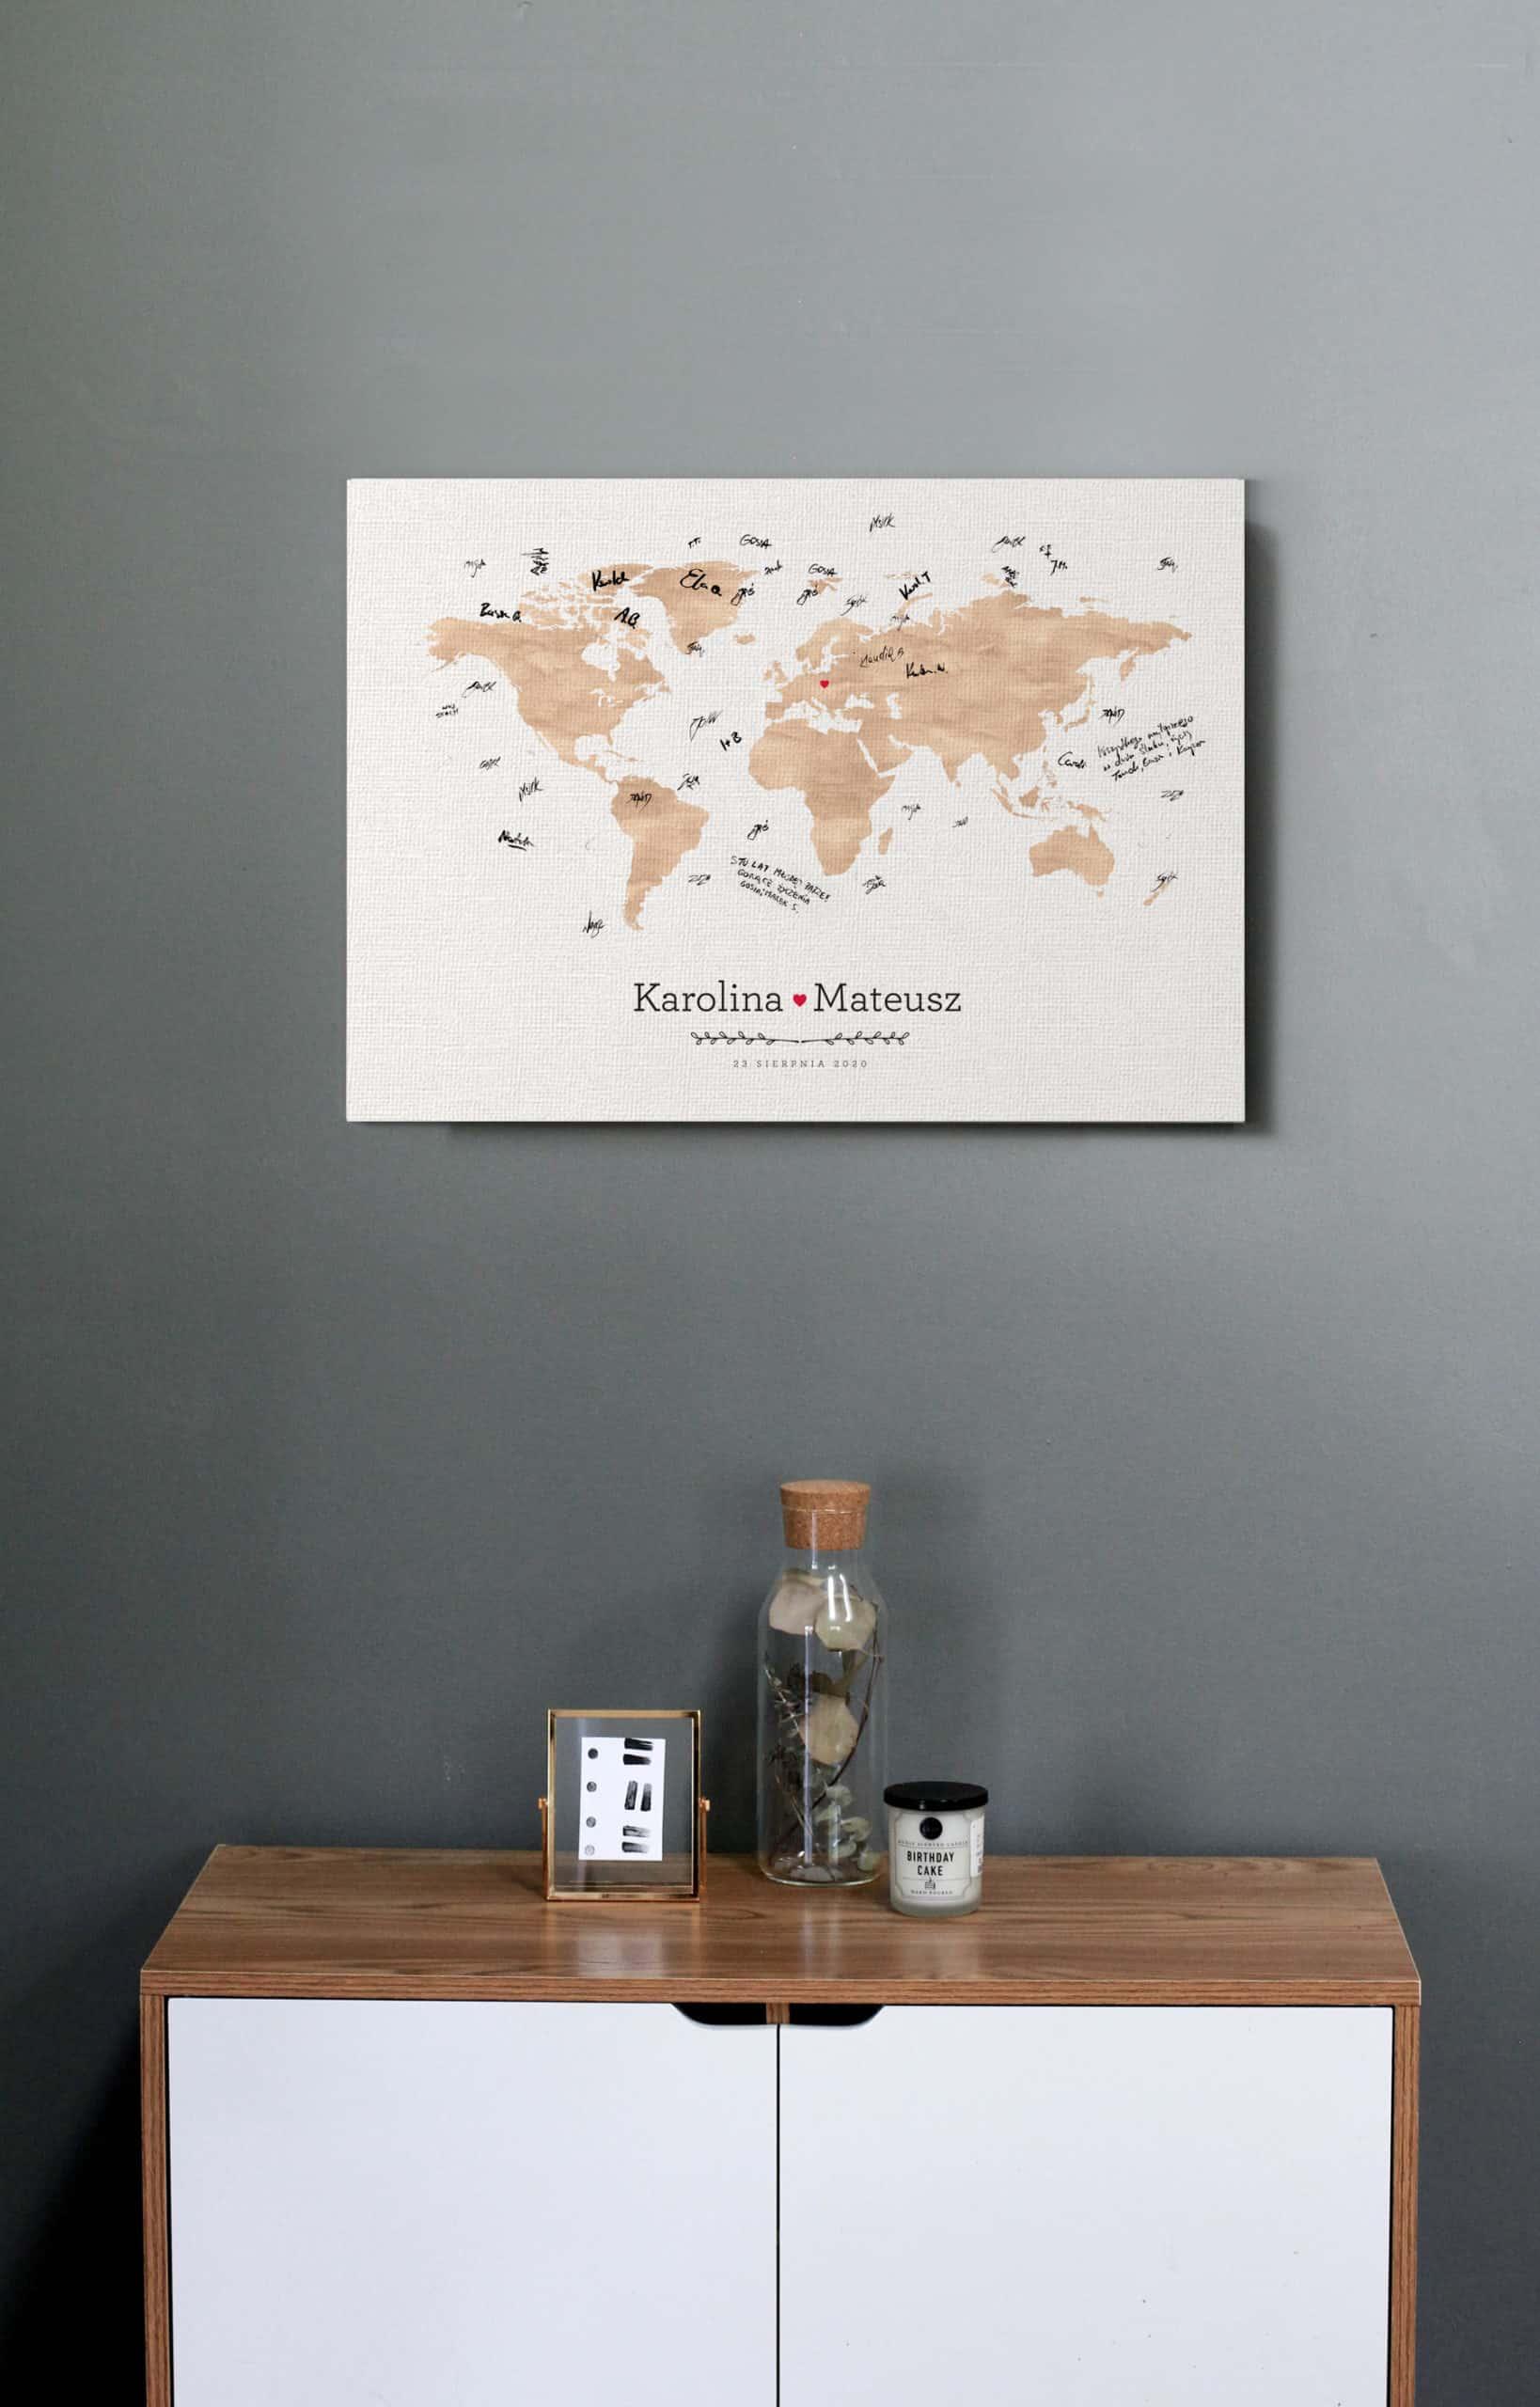 Księga gości w formie obrazu, do powieszenia, motyw mapy